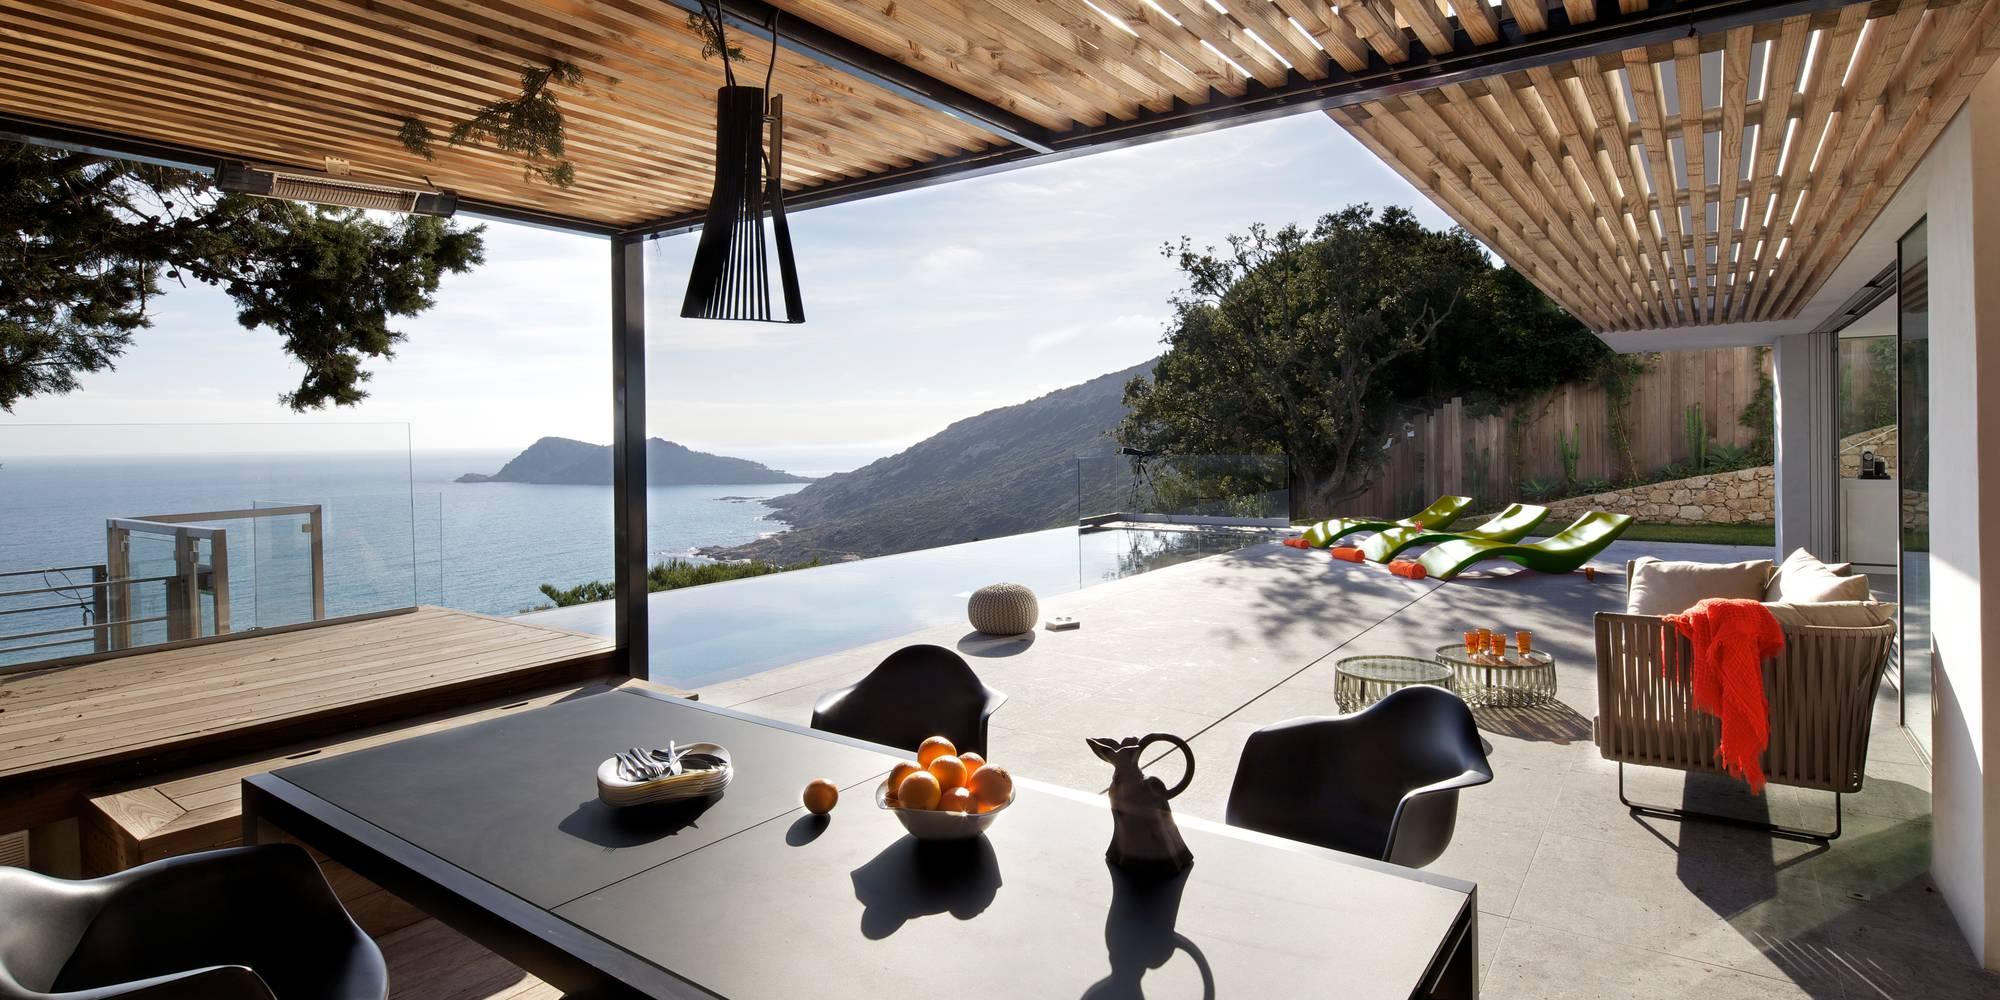 Casa de dos pisos en la playa incluye fachada y dise o de - Diseno de chimeneas para casas ...